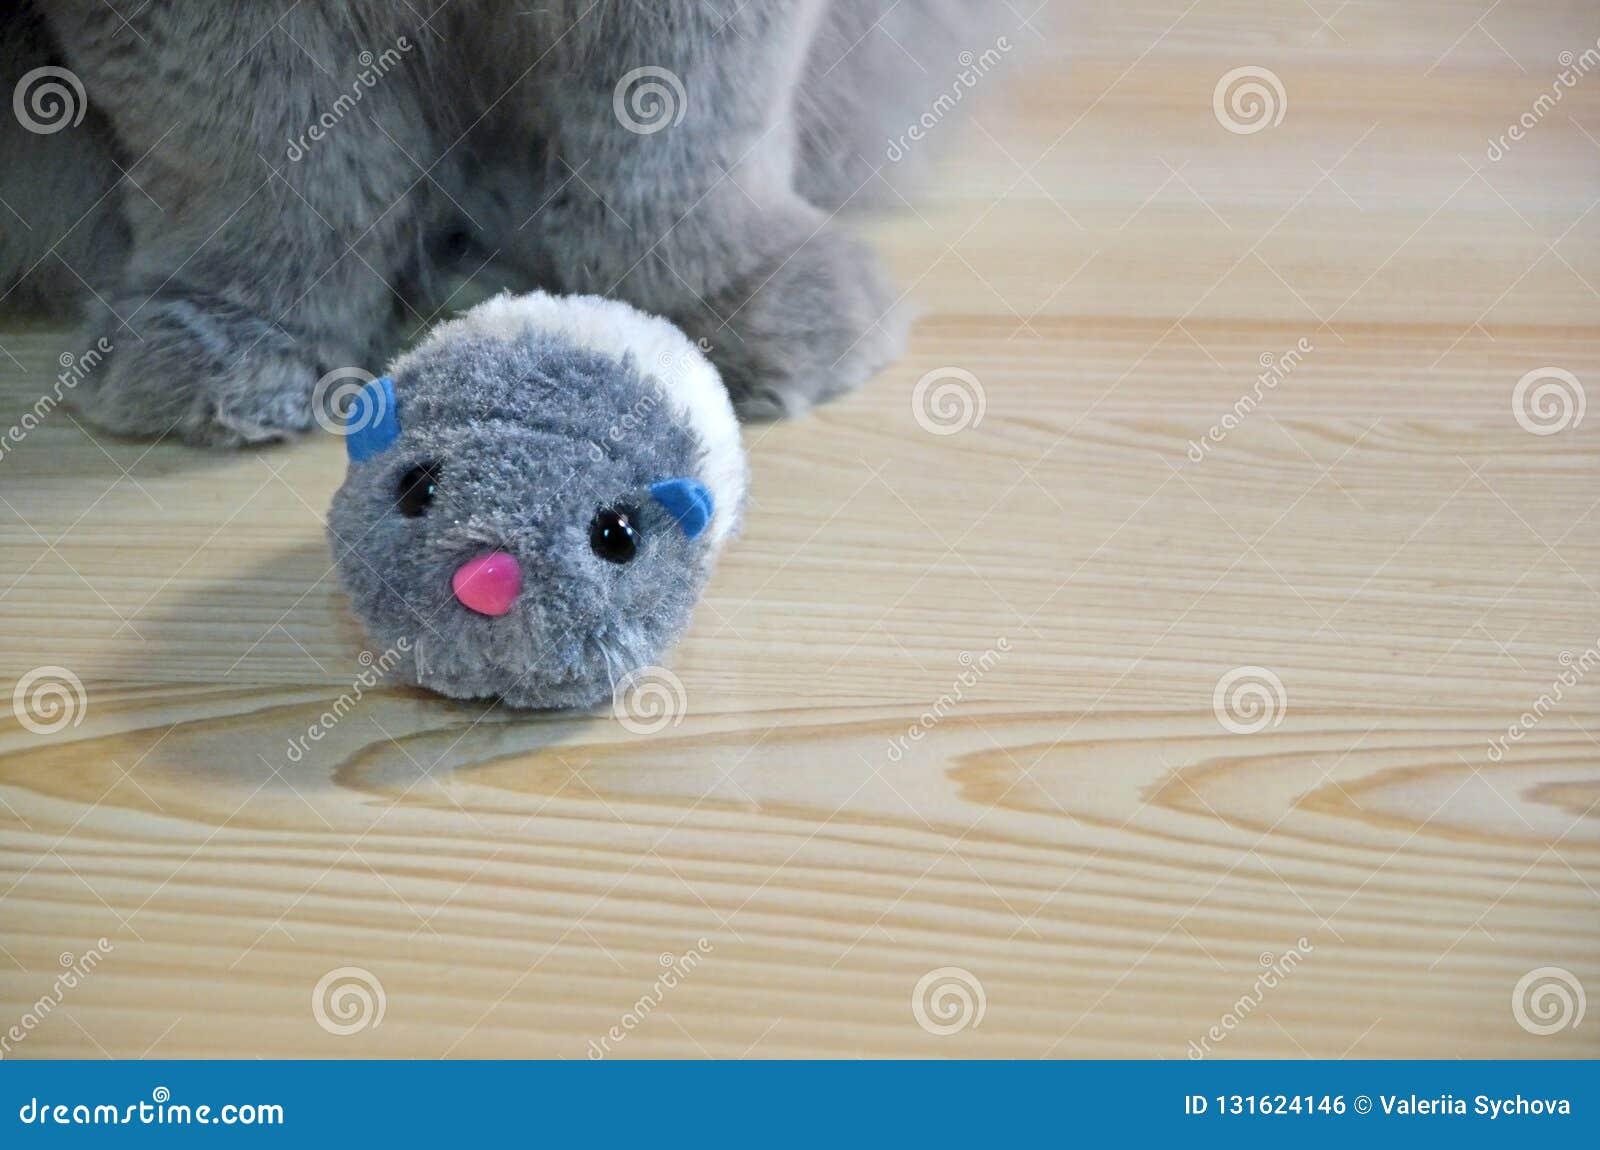 Primer mullido felino de las patas en un piso de madera un gato de pelo largo gris y poco ratón mullido del juguete